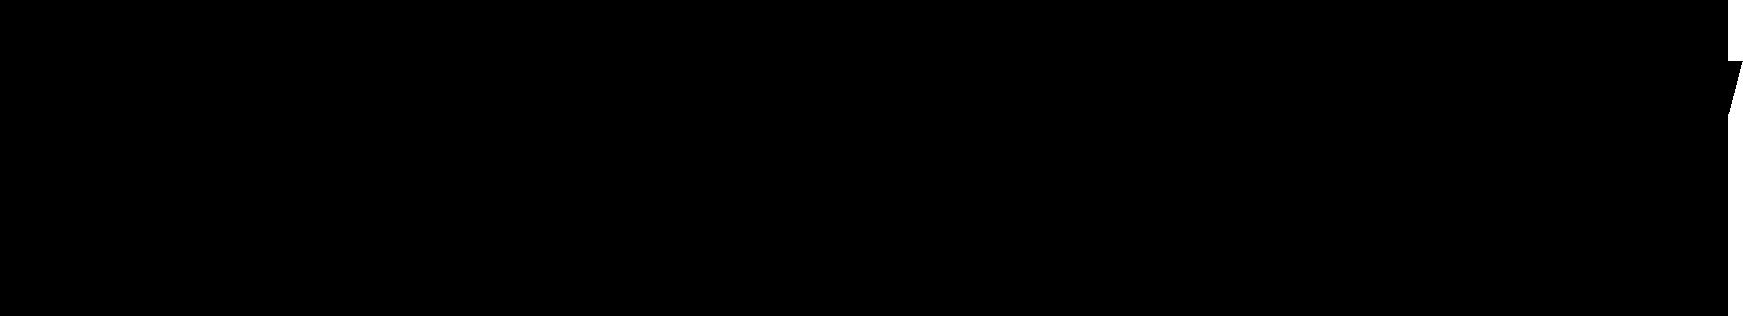 pyRealtor Logo